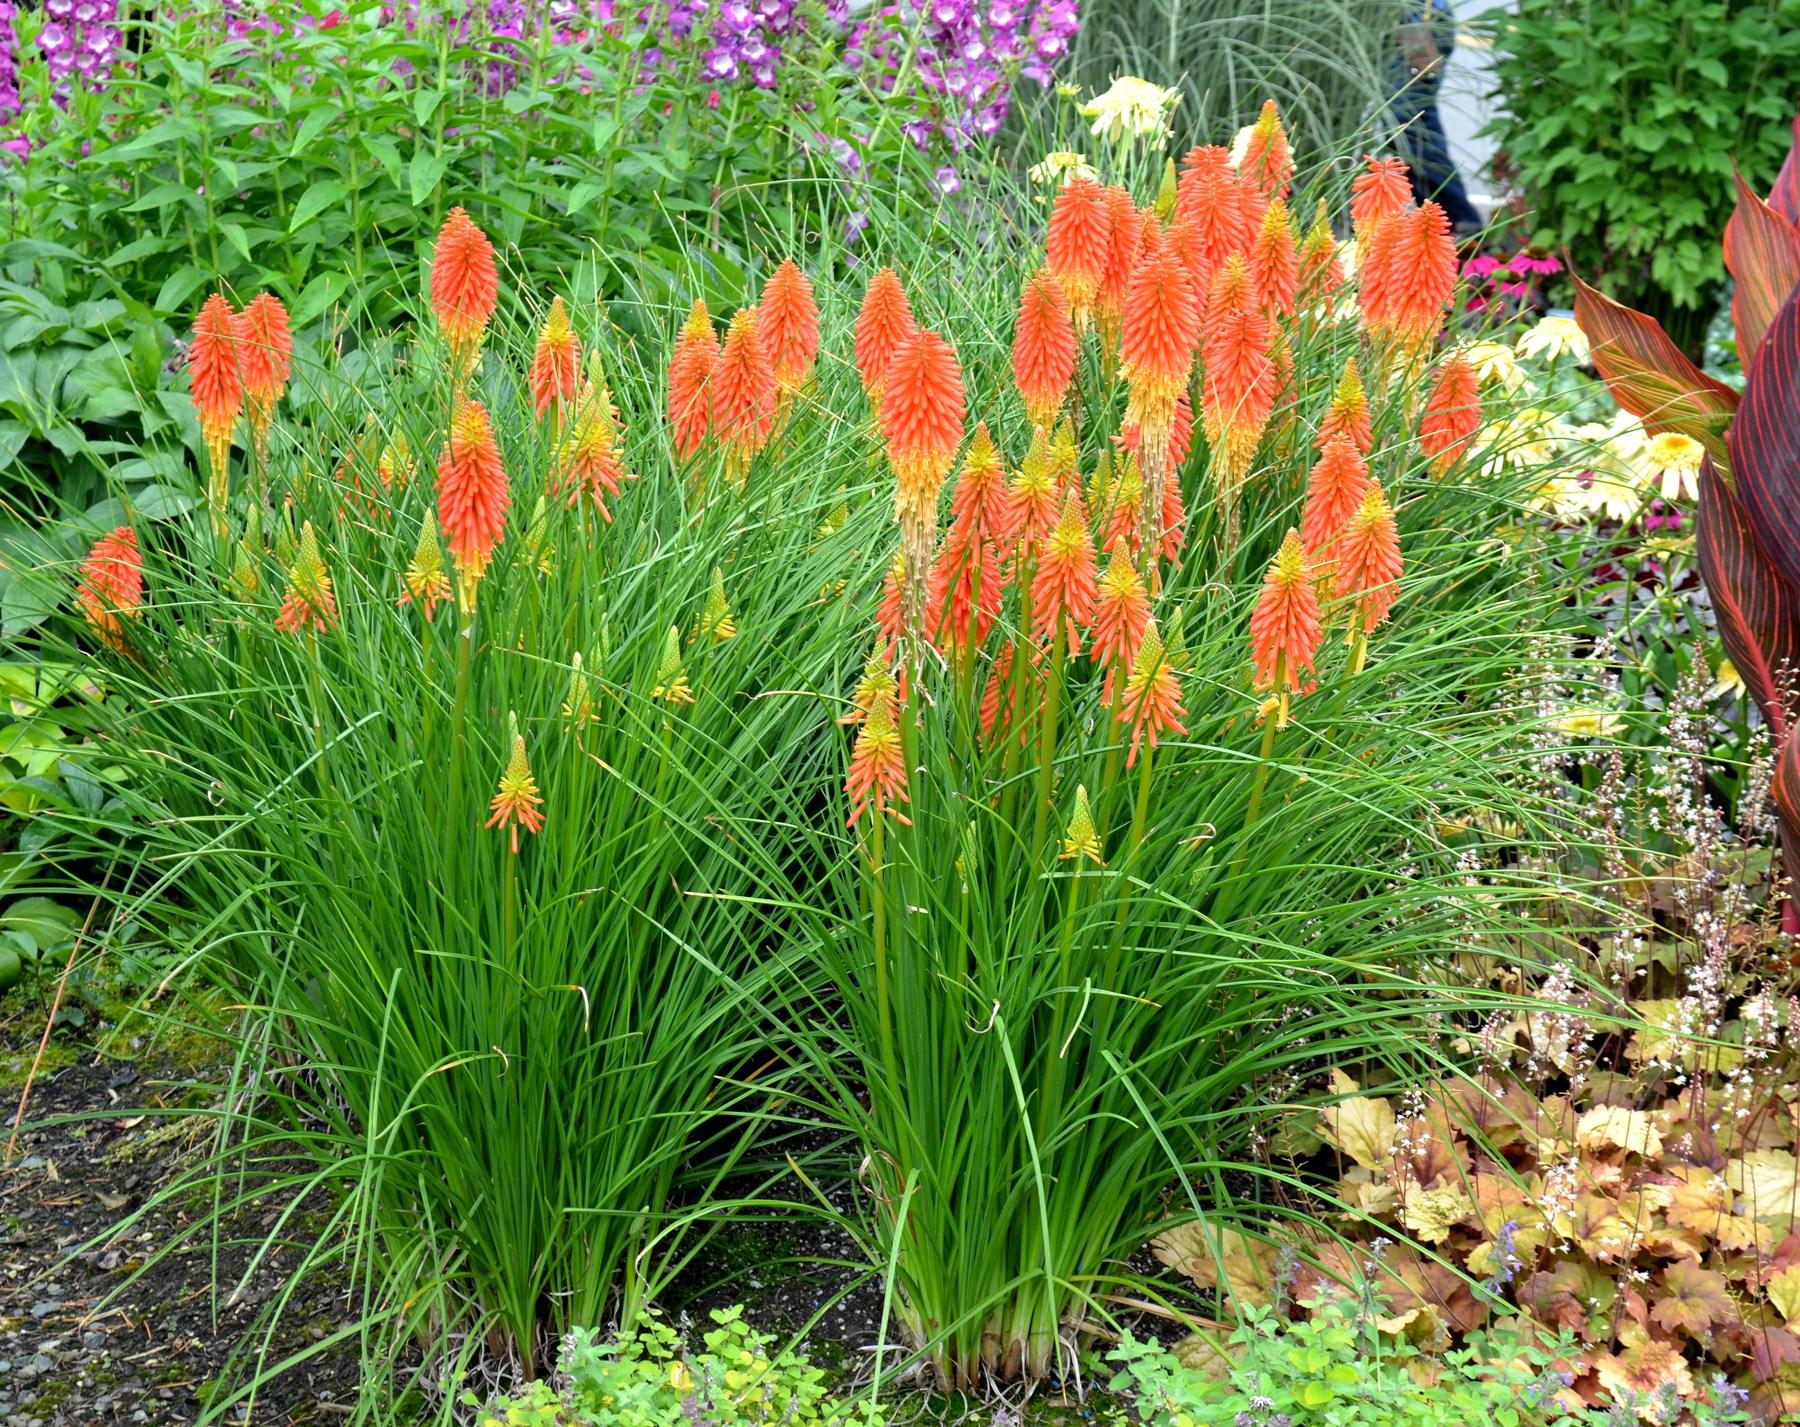 Книфофия: посадка и уход в открытом грунте, фото, размножение сорта, выращивание и сочетание в ландшафтном дизайне